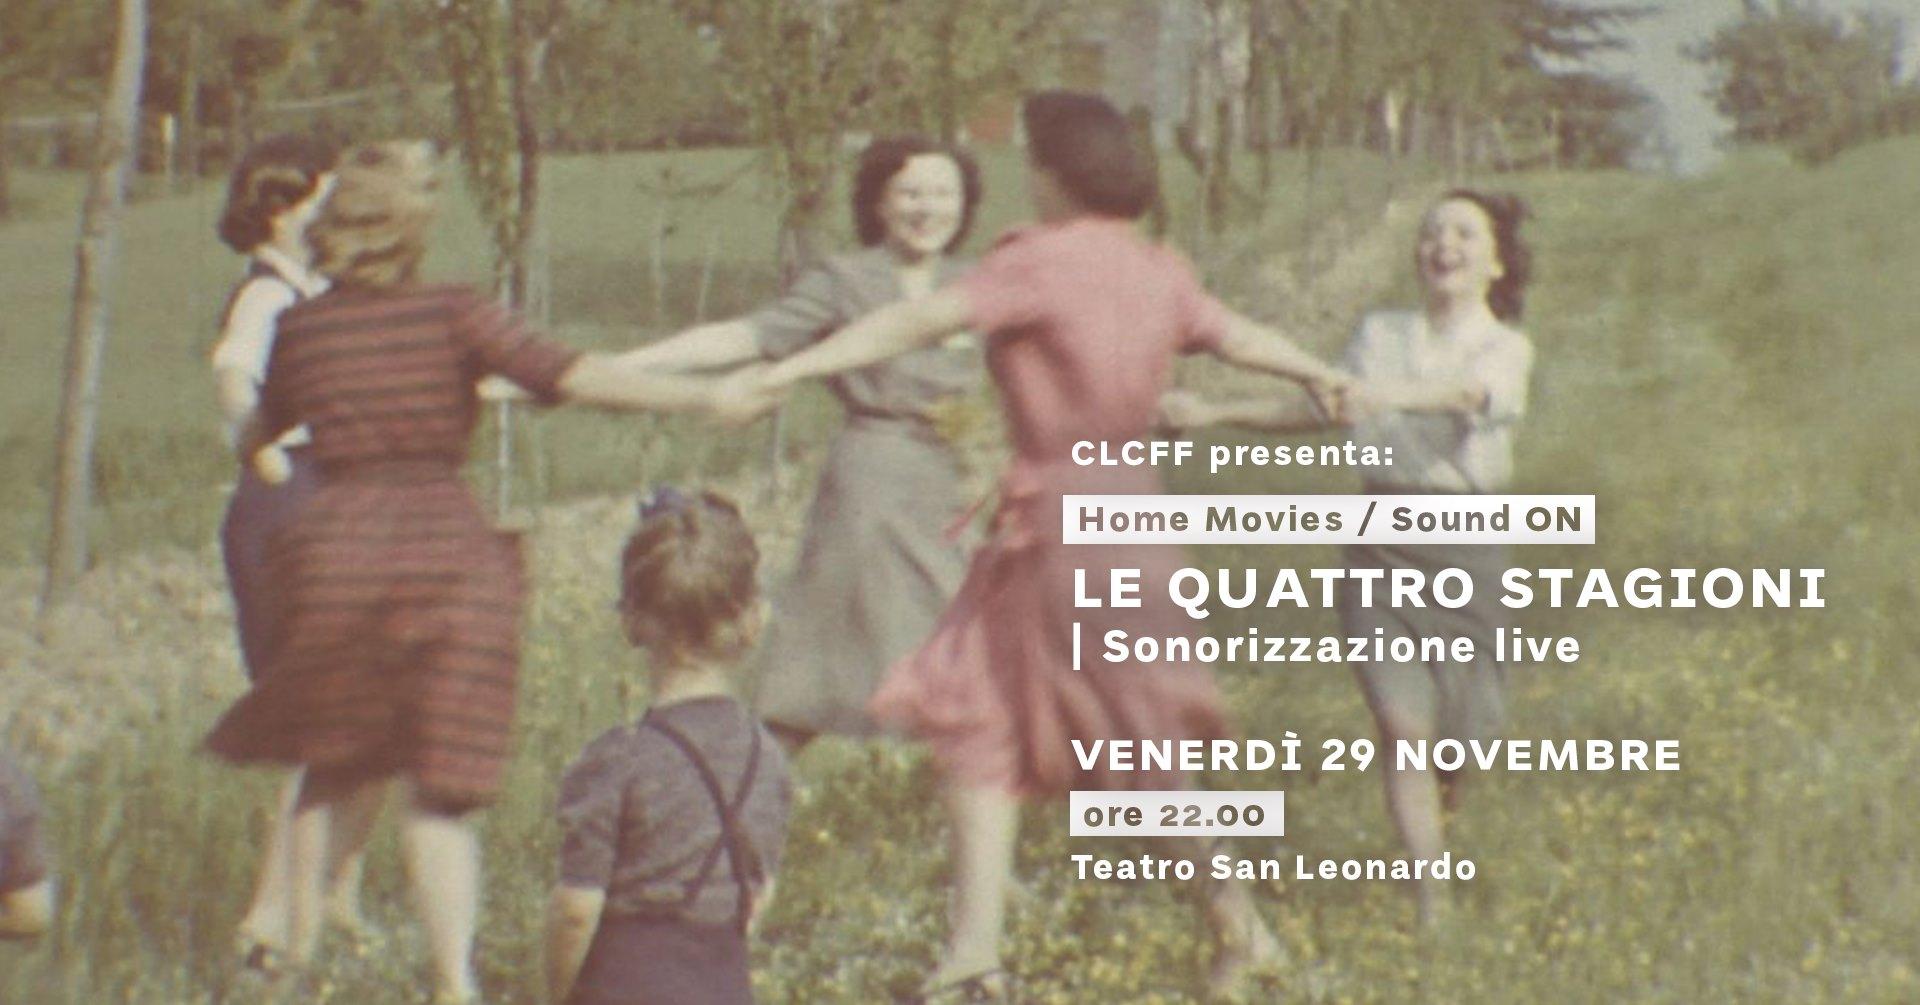 CLCFF Presenta: Home Movies / Sound 🅞🅝 ► sonorizzazione live